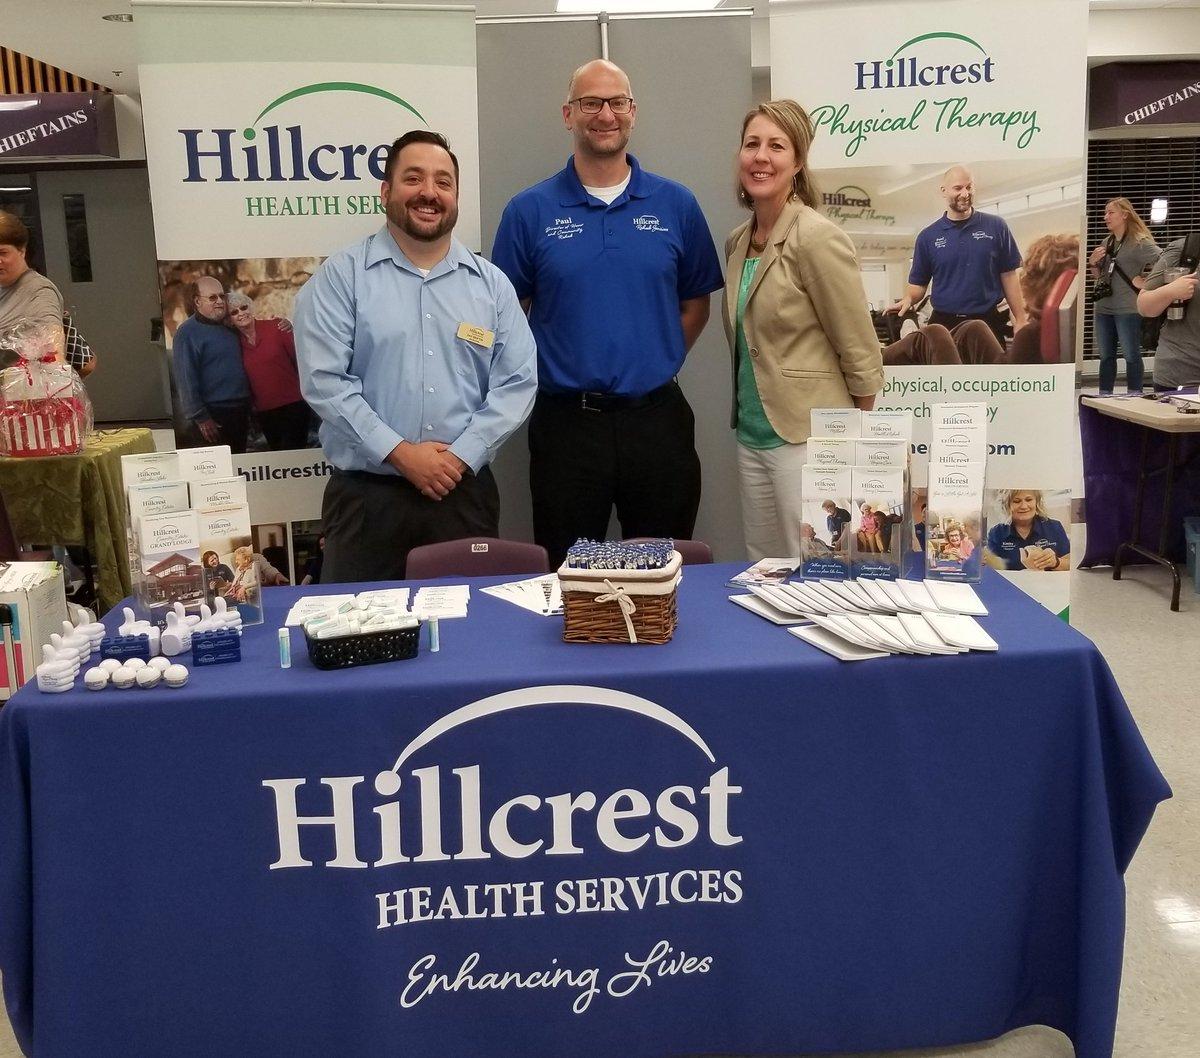 Hillcrest Health (@HillcrestHealth) | Twitter